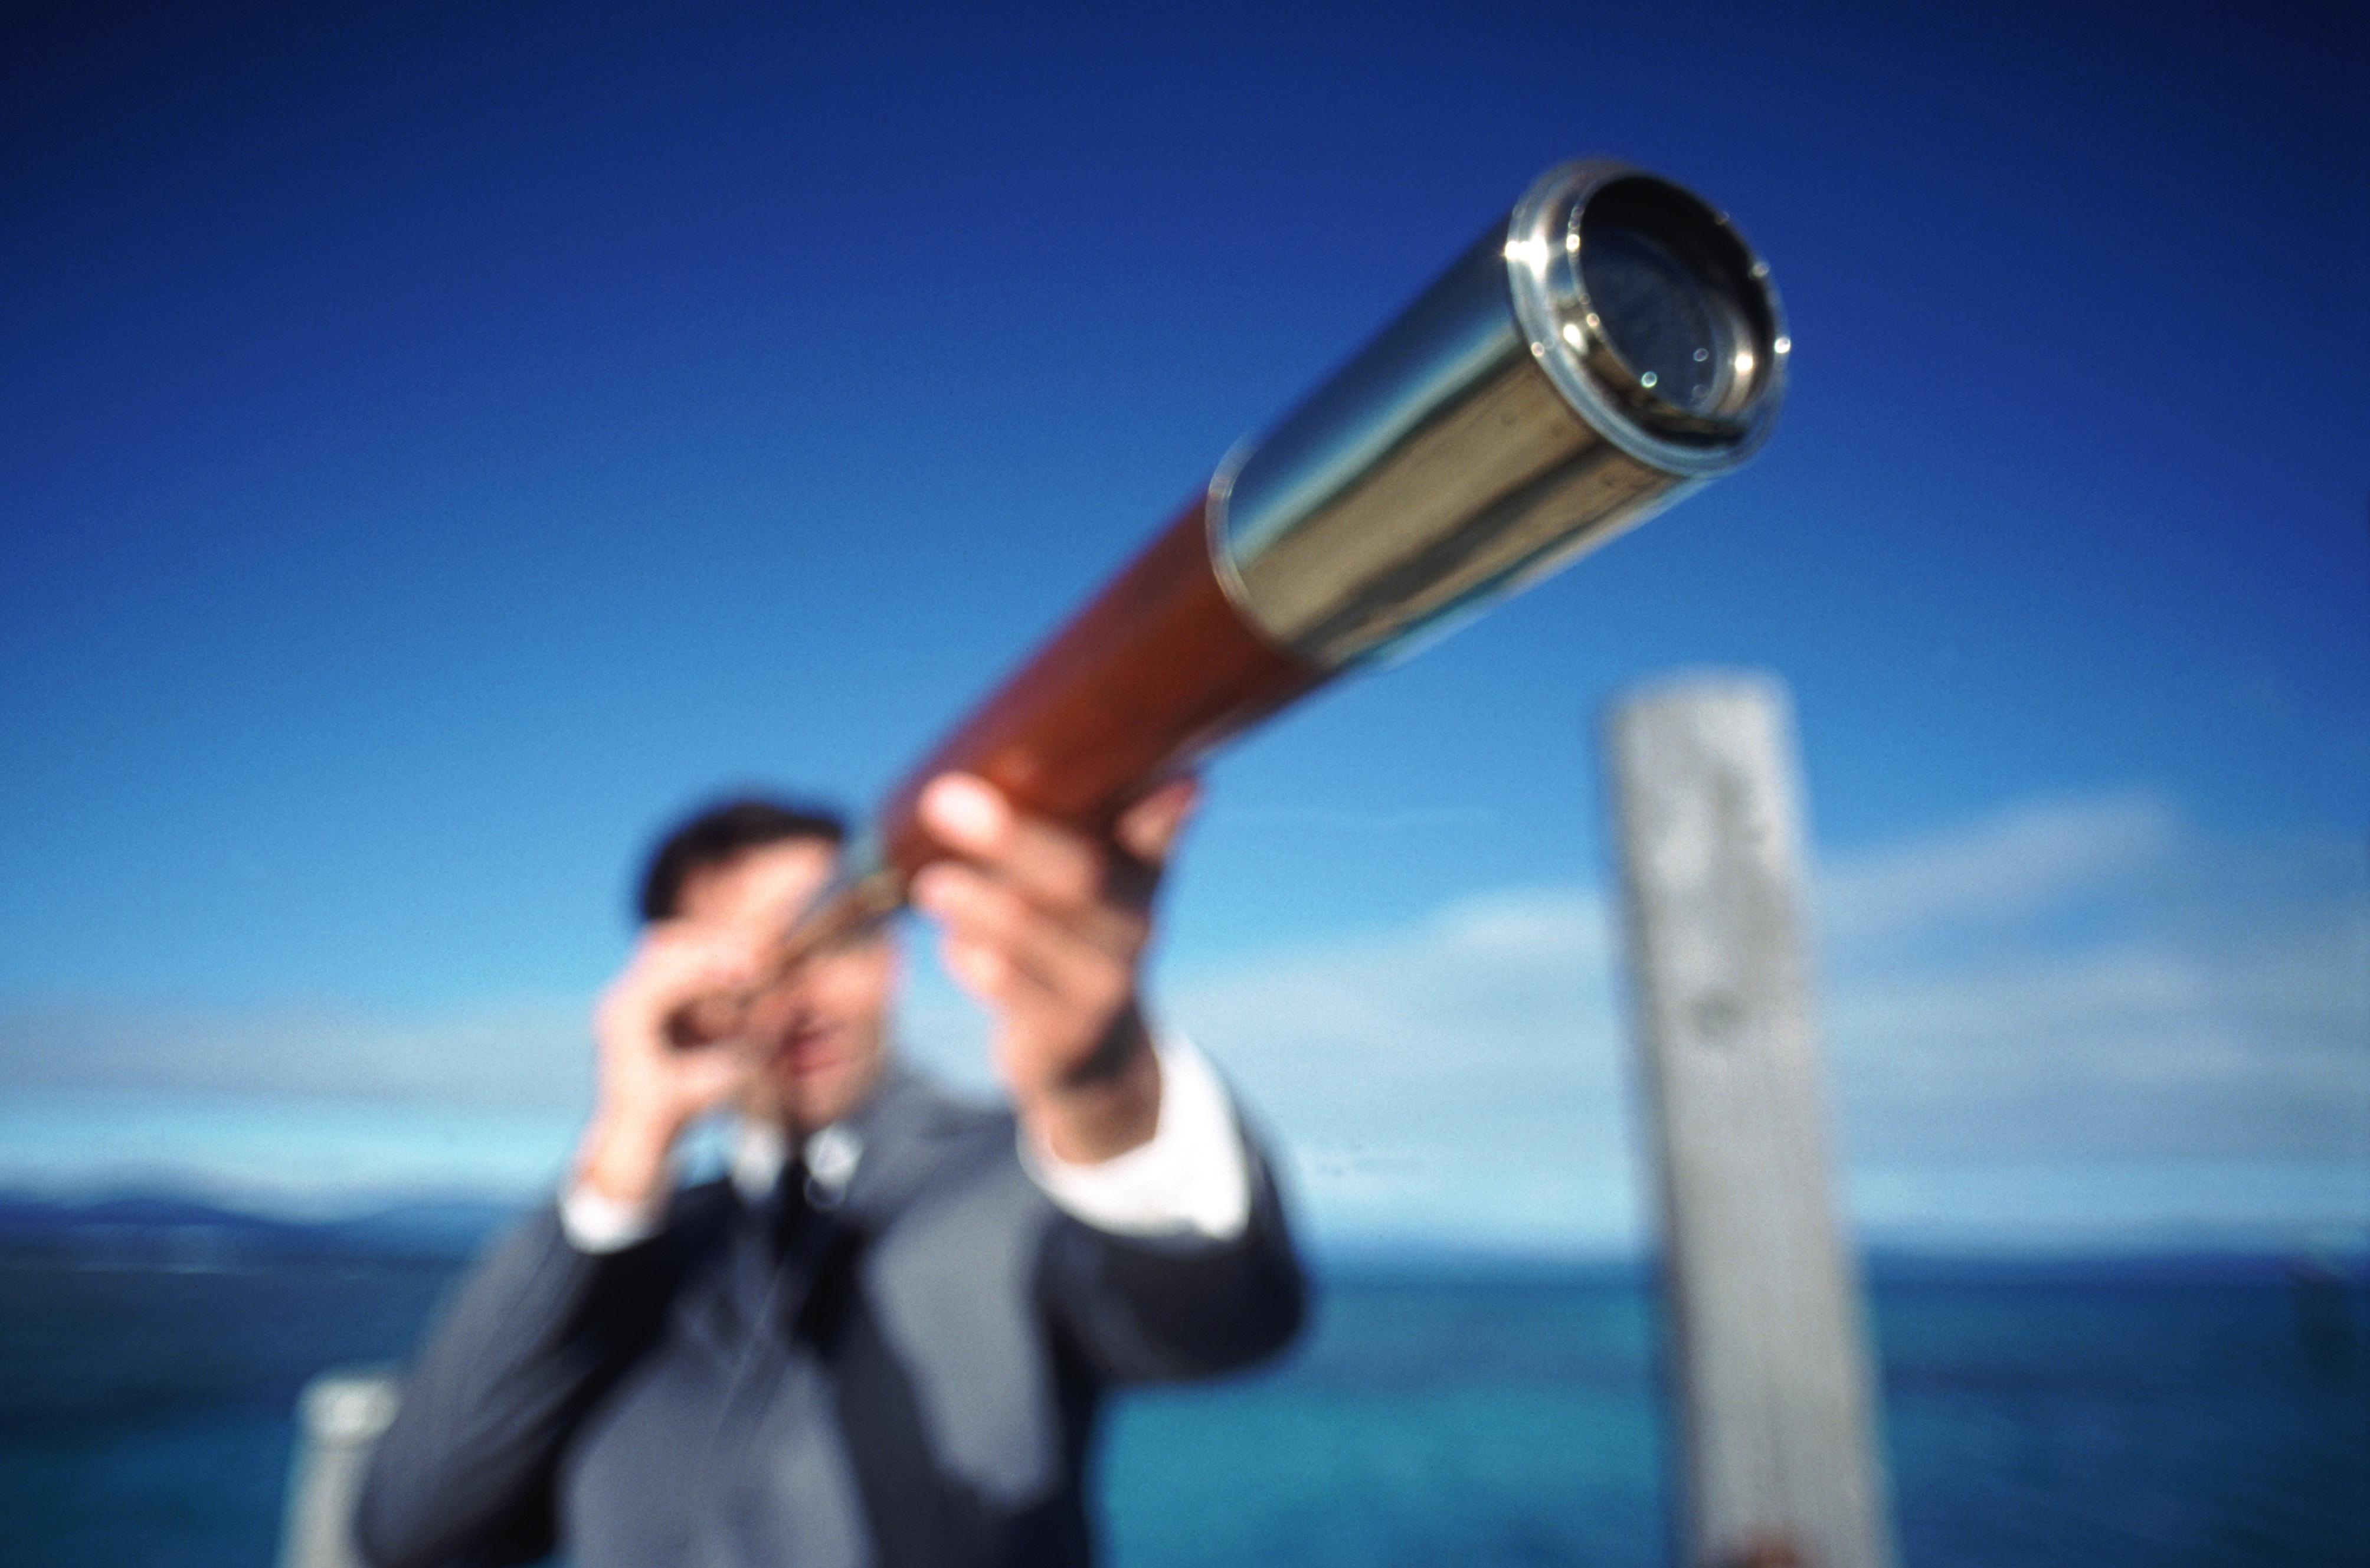 نتيجة بحث الصور عن A man looking at a telescope